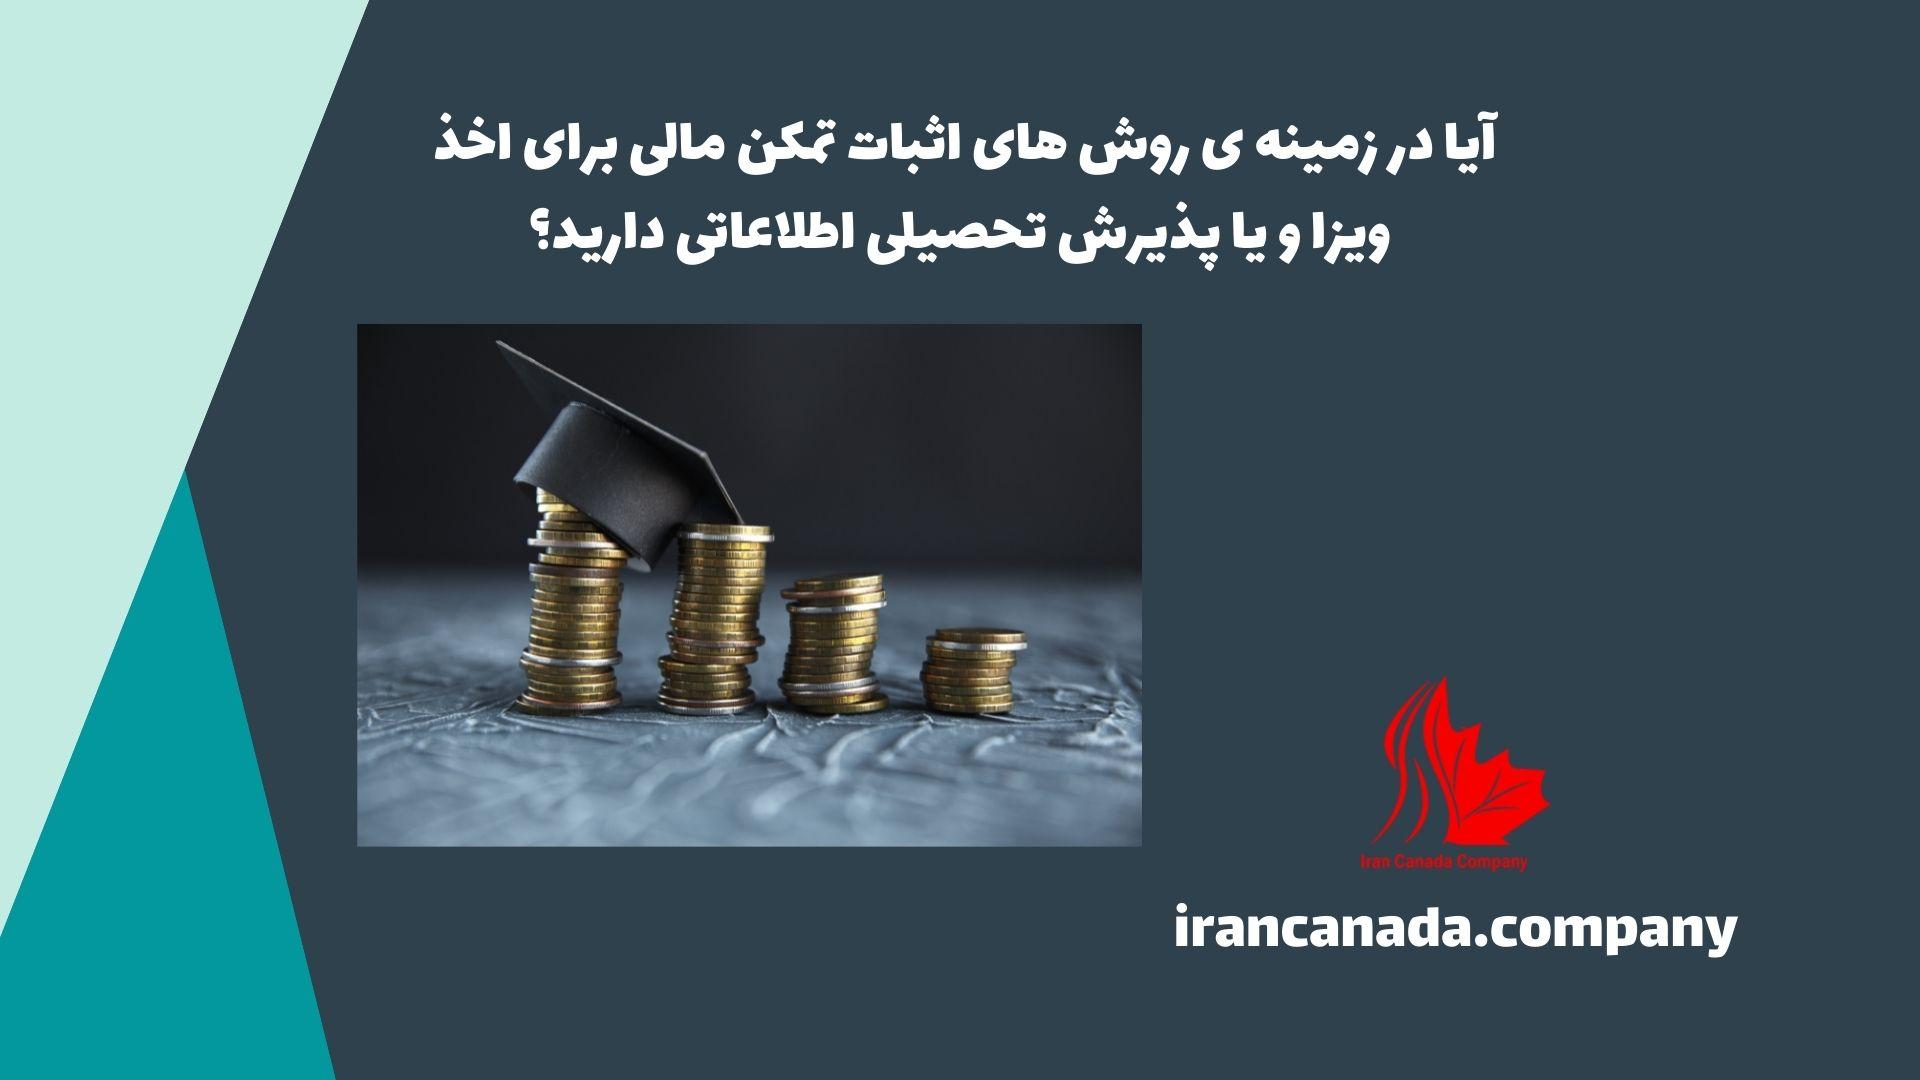 آیا در زمینه ی روش های اثبات تمکن مالی برای اخذ ویزا و یا پذیرش تحصیلی اطلاعاتی دارید؟